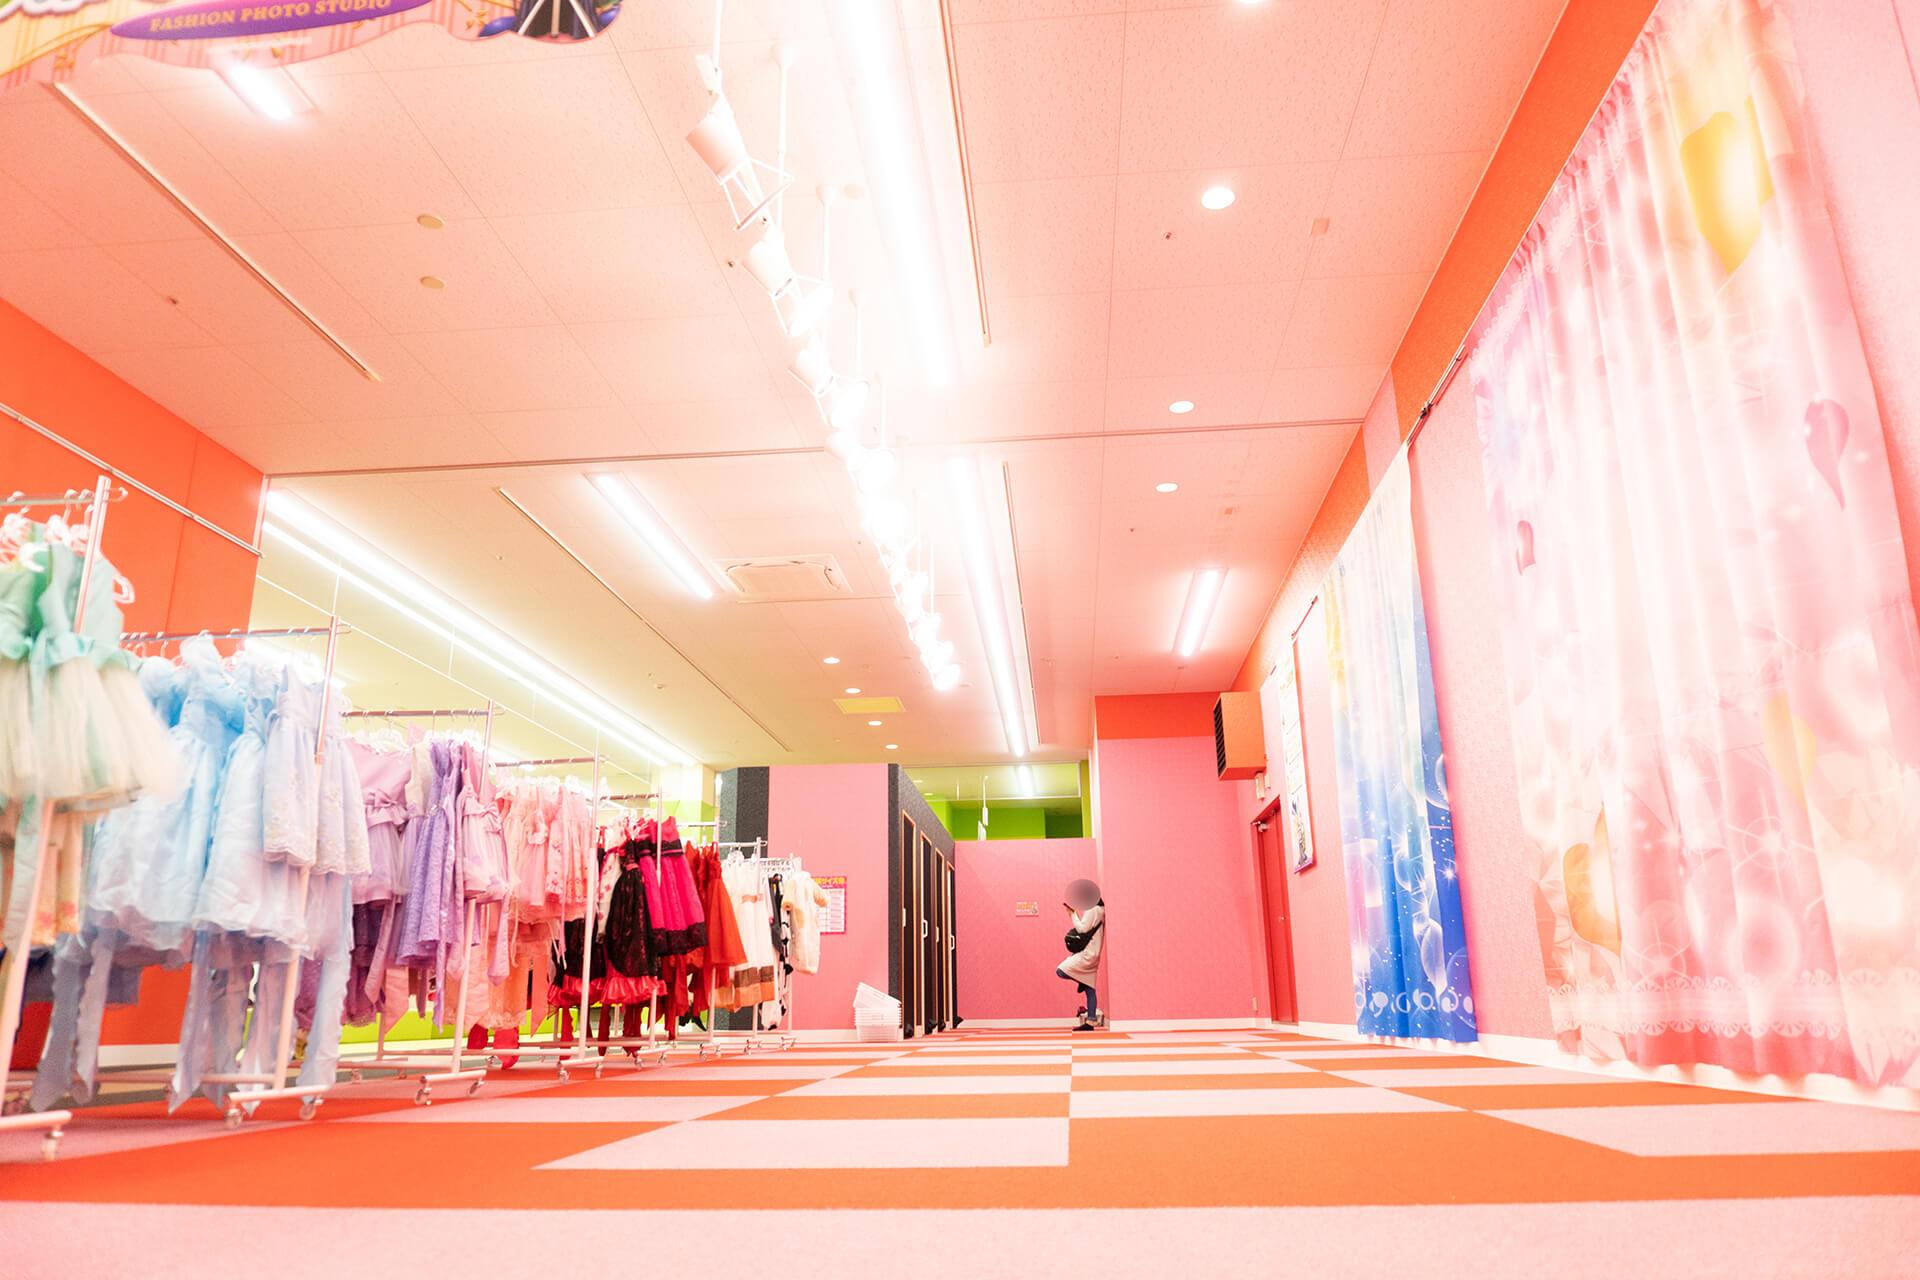 ファンタジーキッズリゾート・ファッションフォトスタジオ